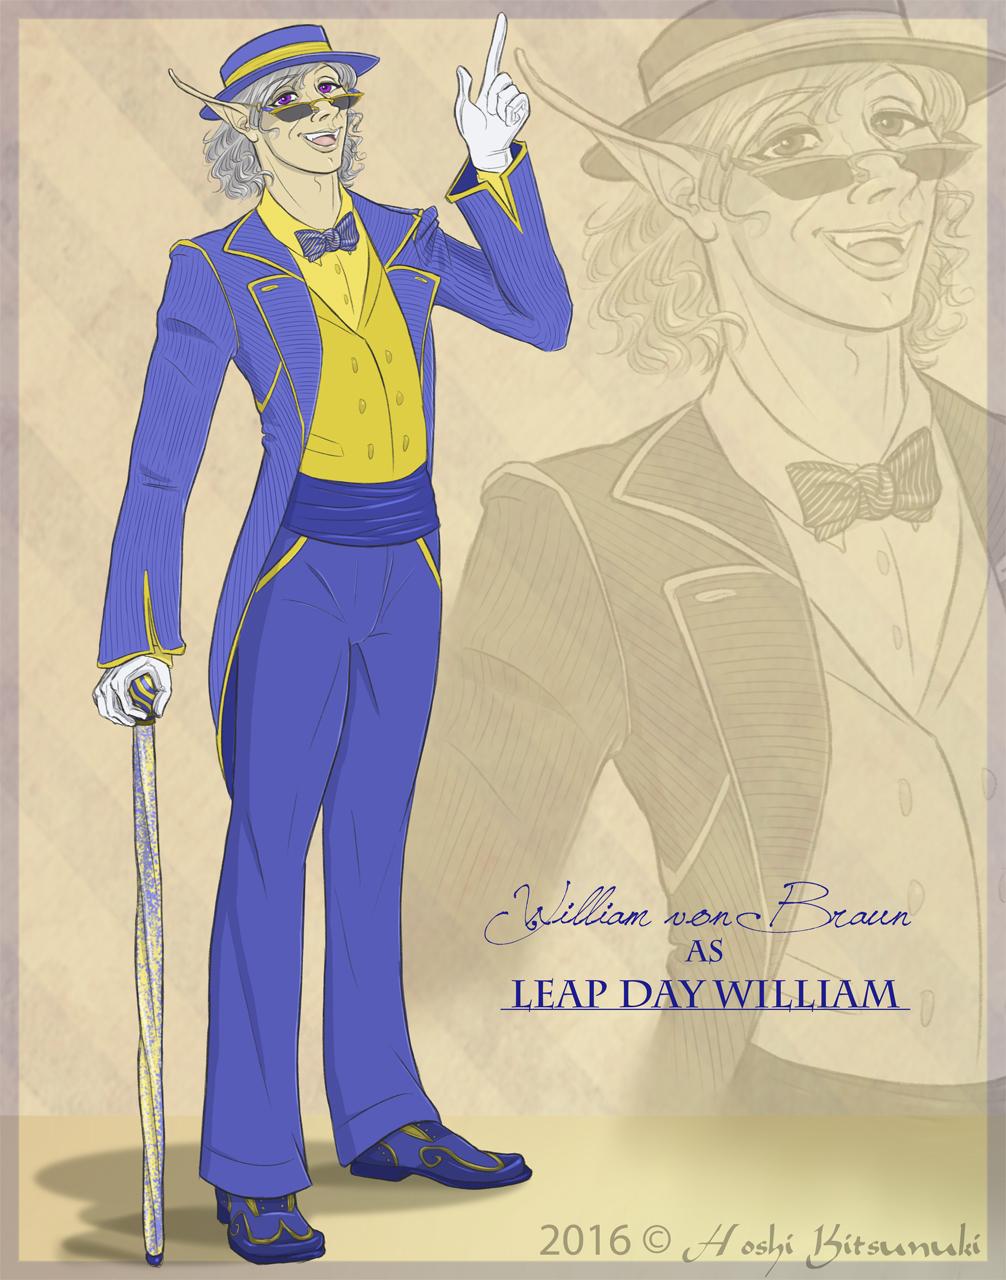 ~ Leap Day William ~